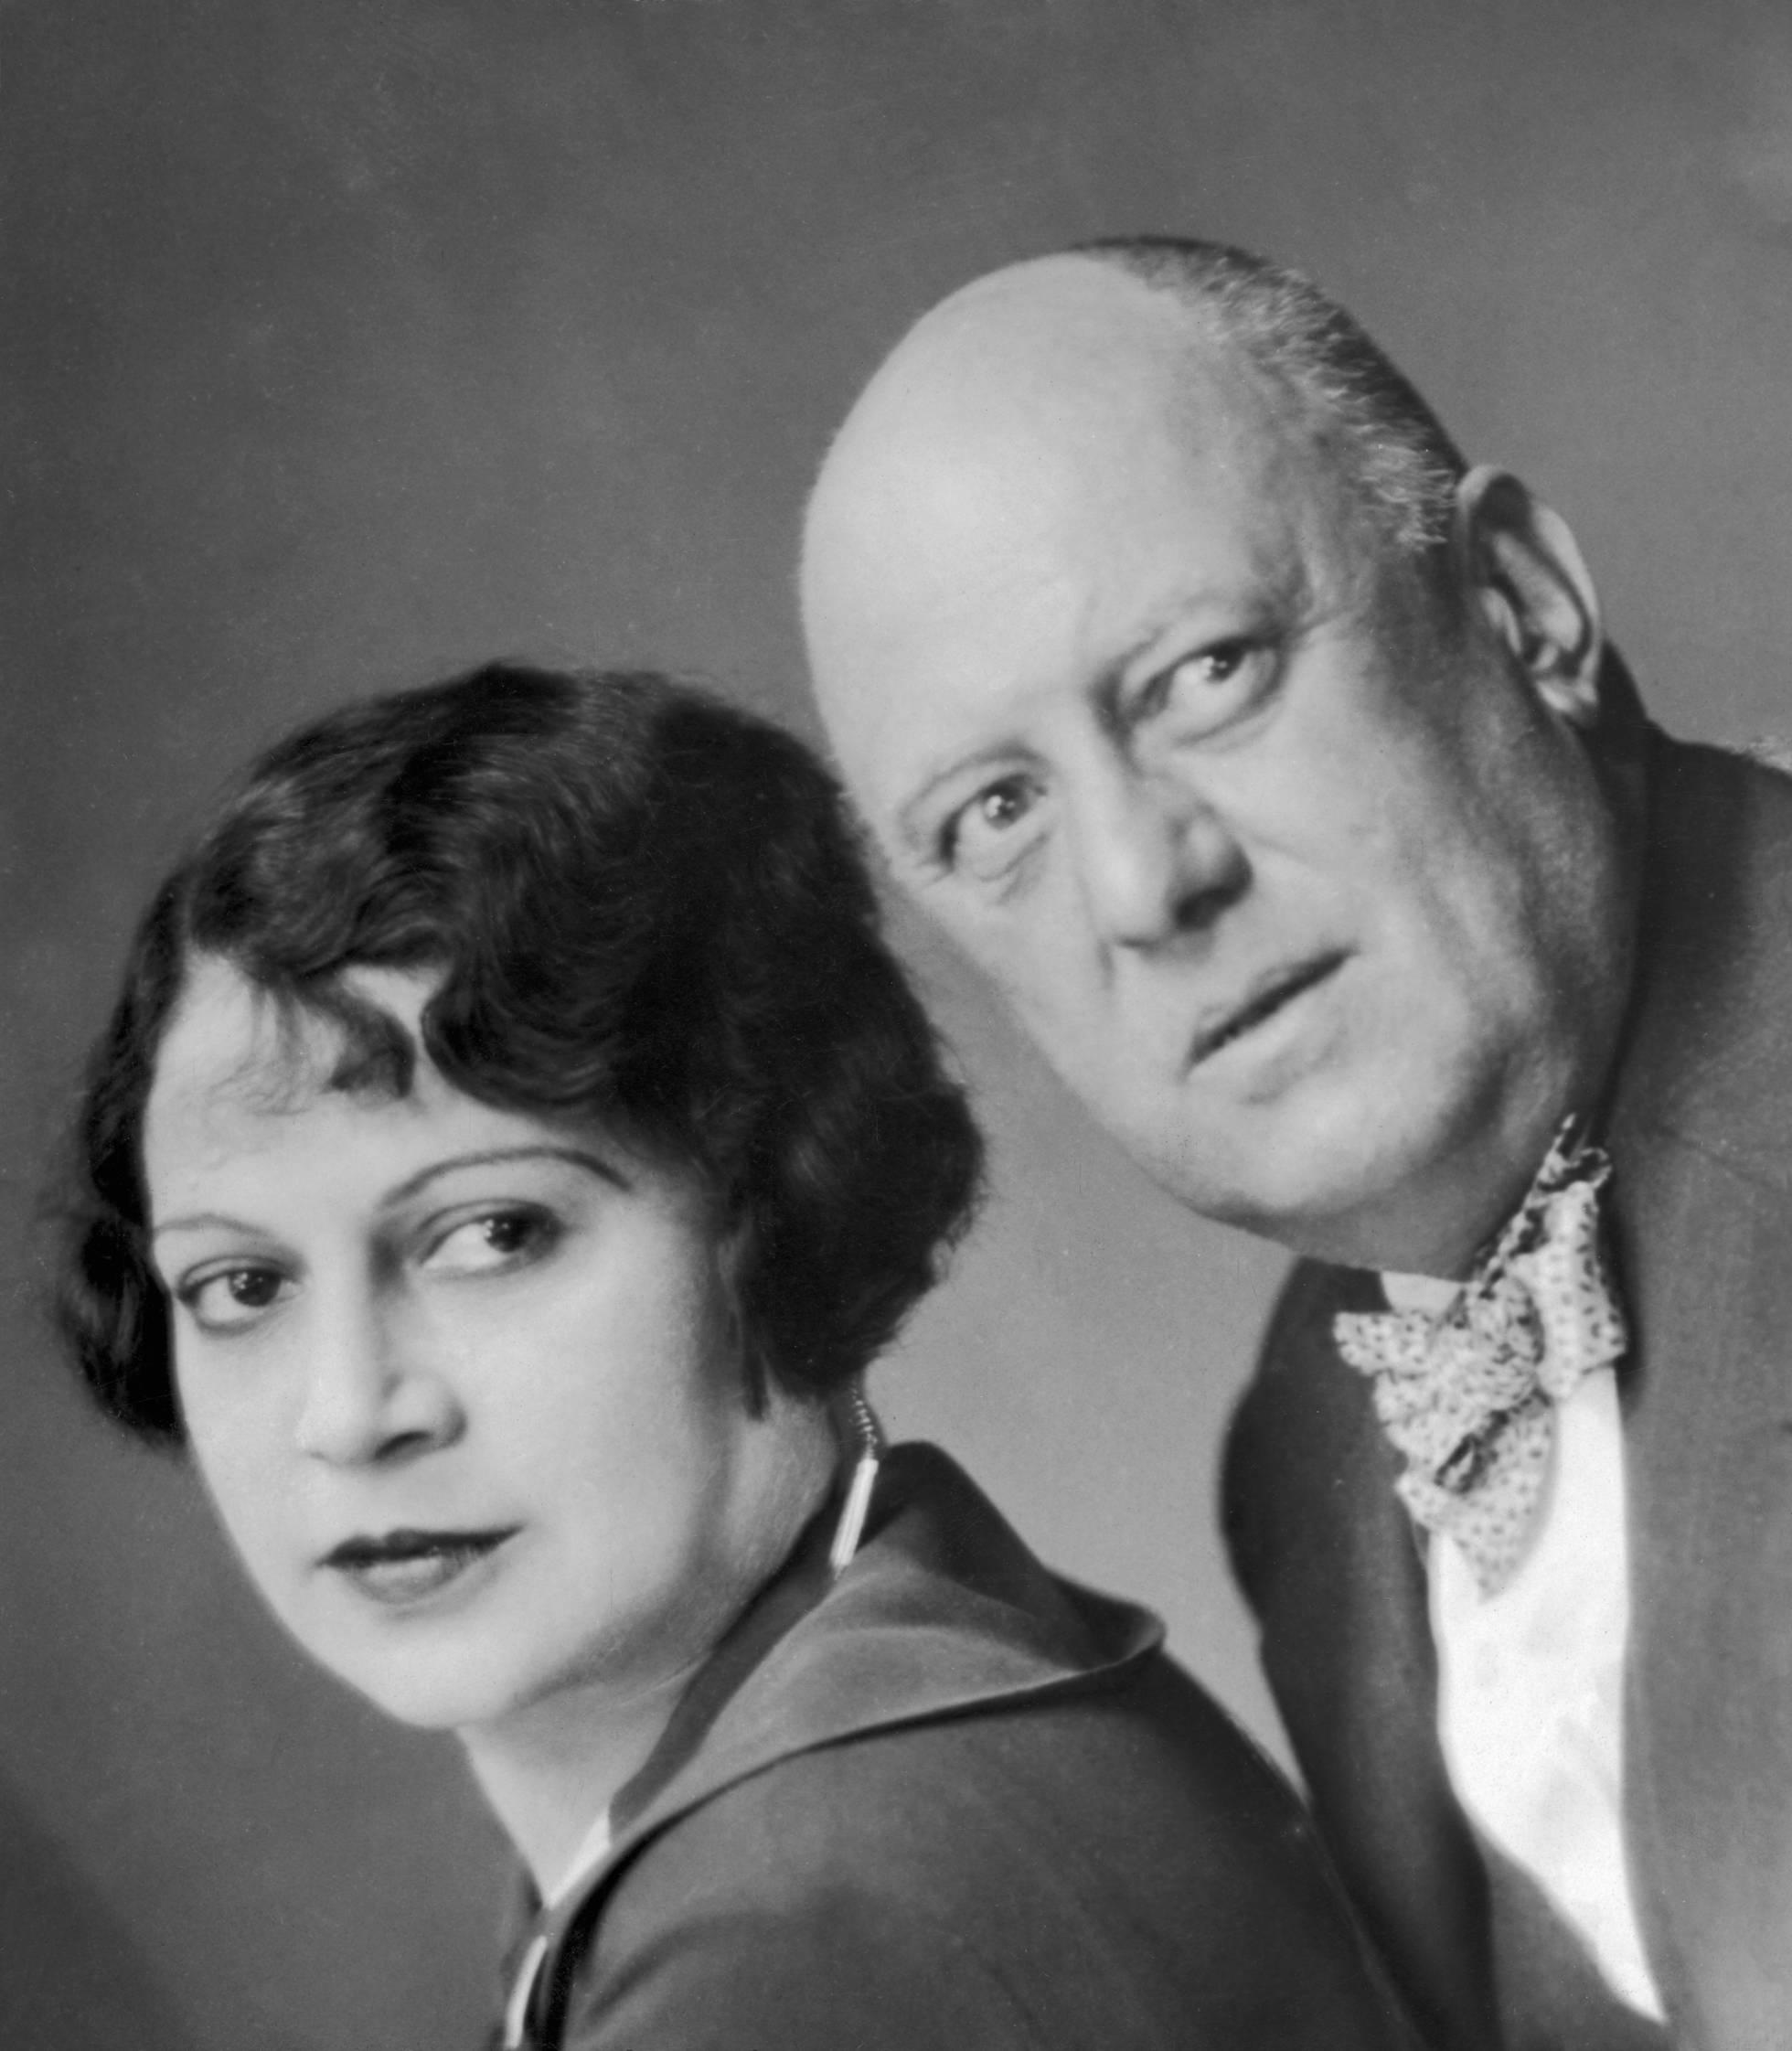 Aleister Crowley con su esposa Maria de Miramar en un retrato de pareja tomado en 1929.Getty Images